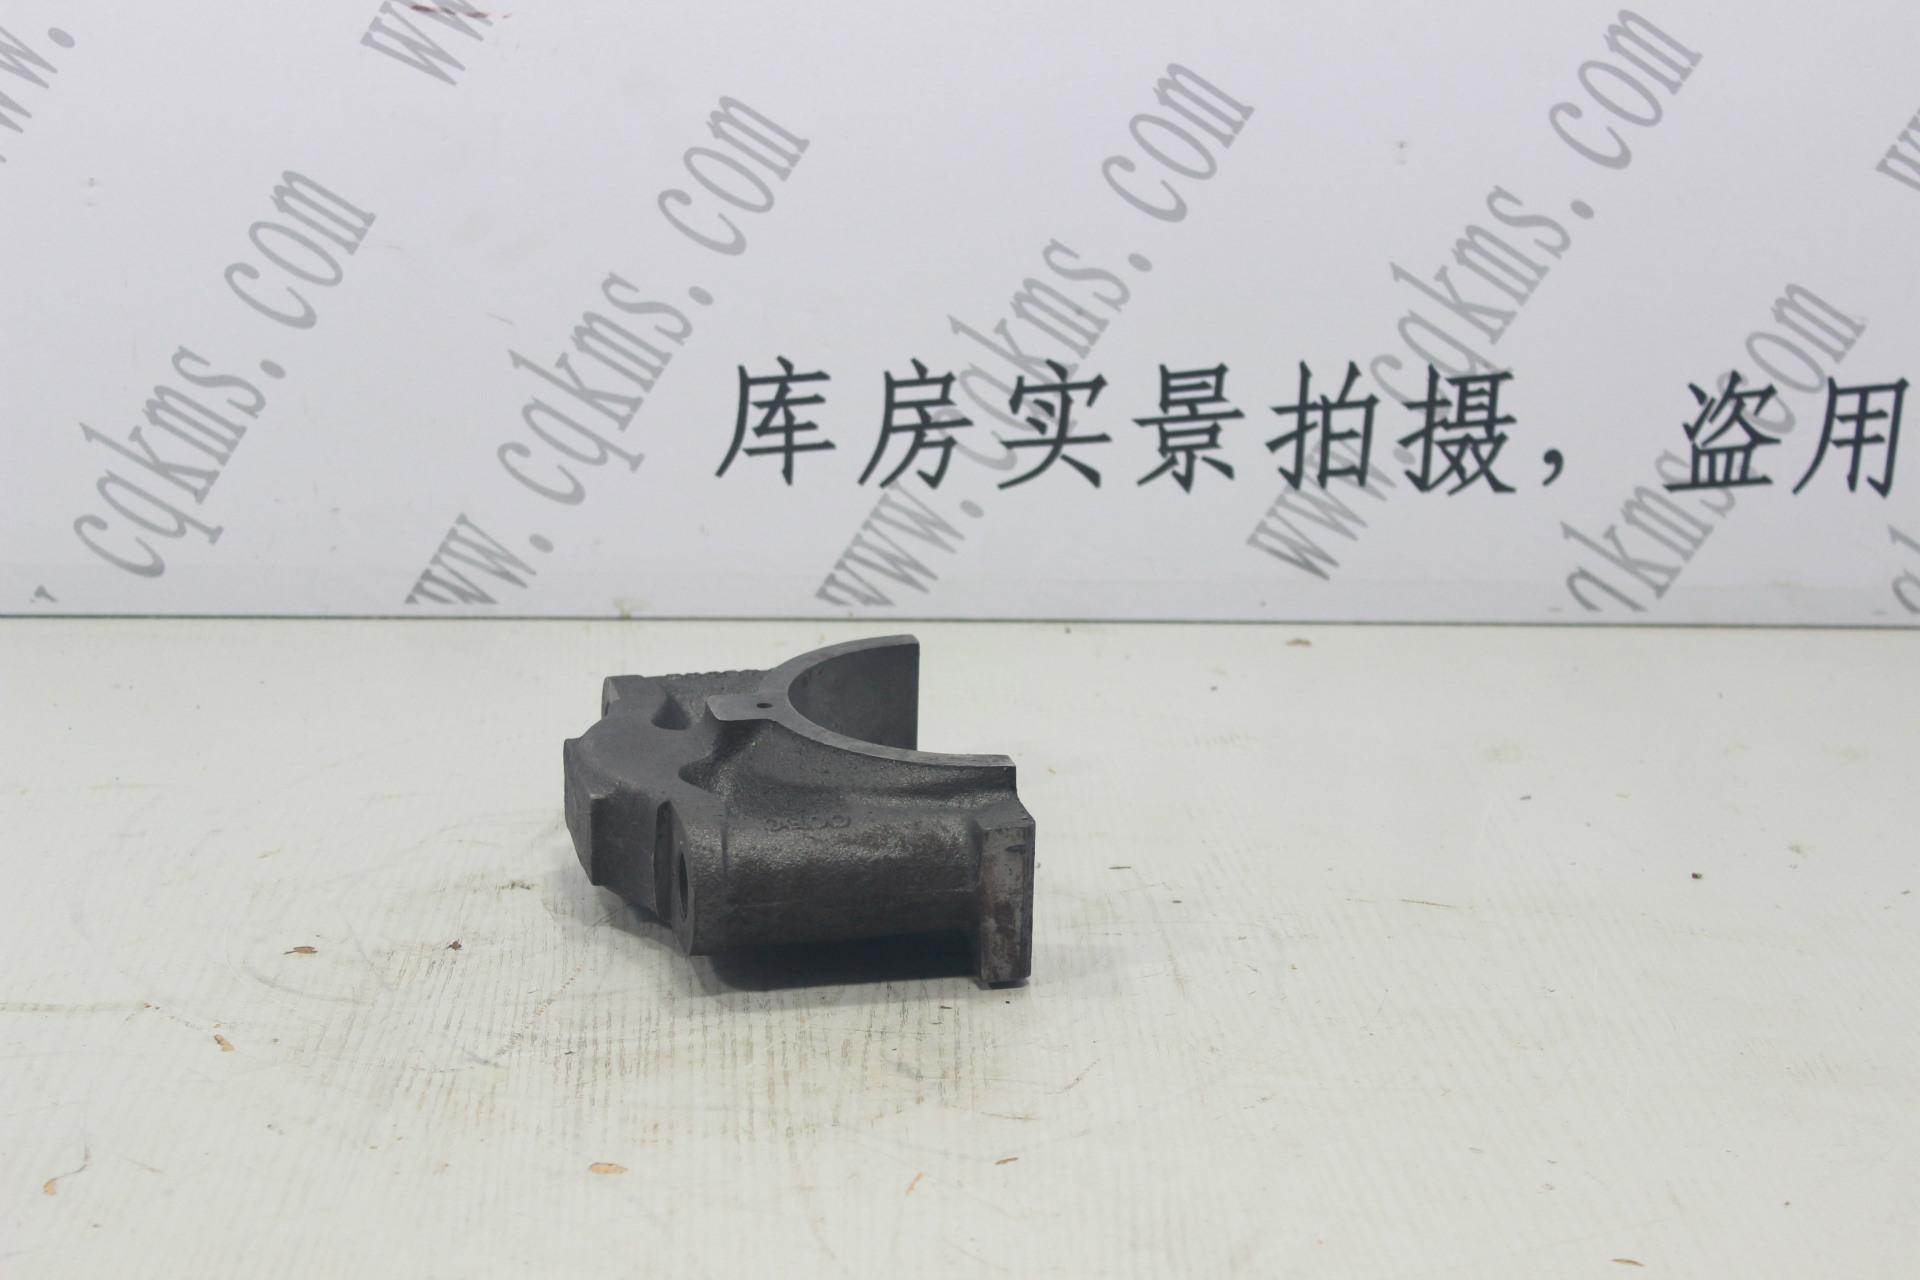 kms01384-3008049-轴承盖-用于NT855康明斯发动机-NT855--参考重量4.2KG-4.2KG图片2